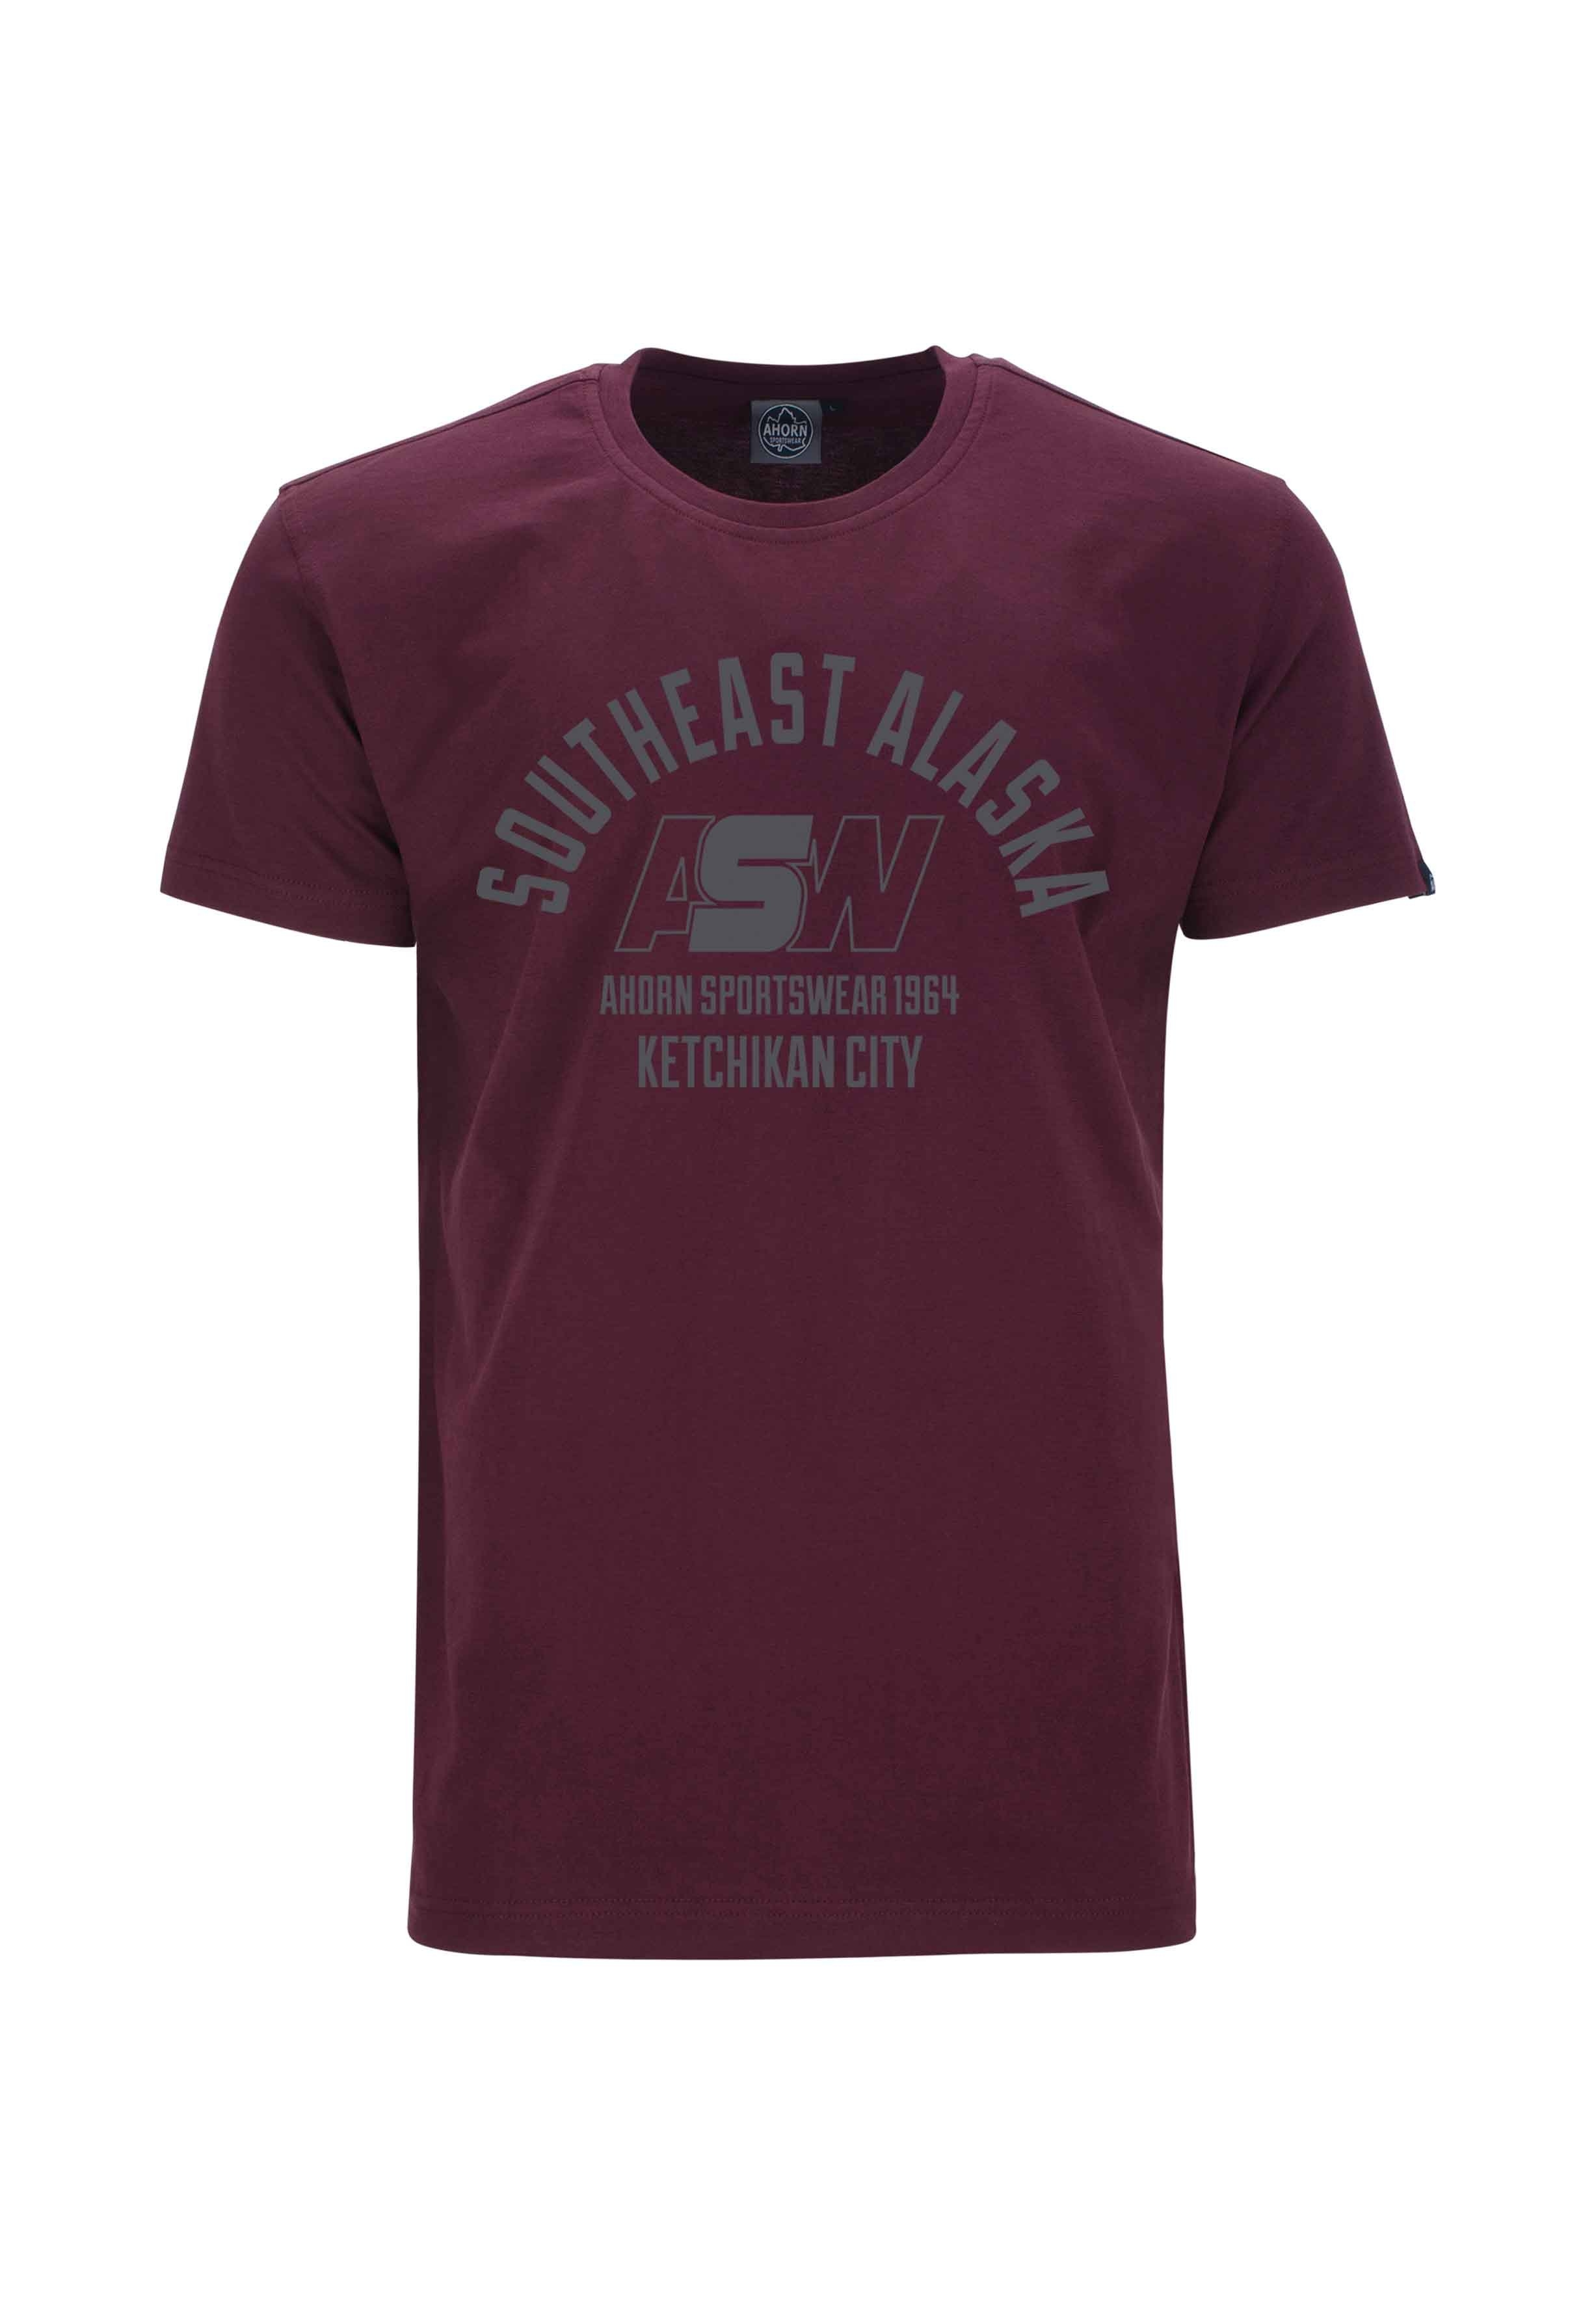 Ahorn Sportswear T-shirt - verschillende betaalmethodes